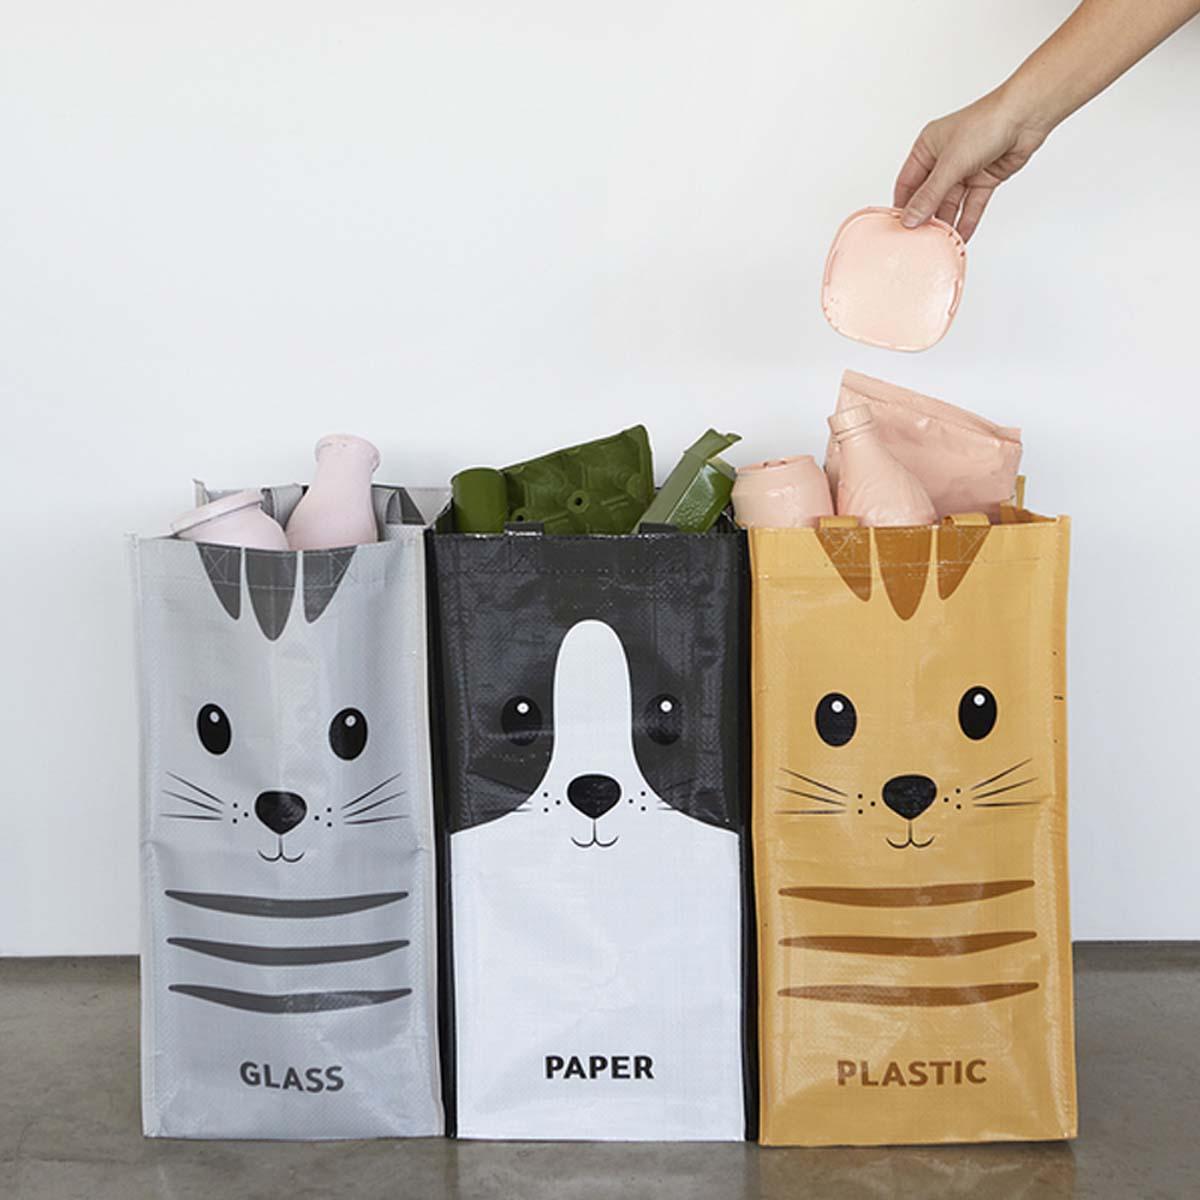 3 sacs pour tri des déchets - Chat